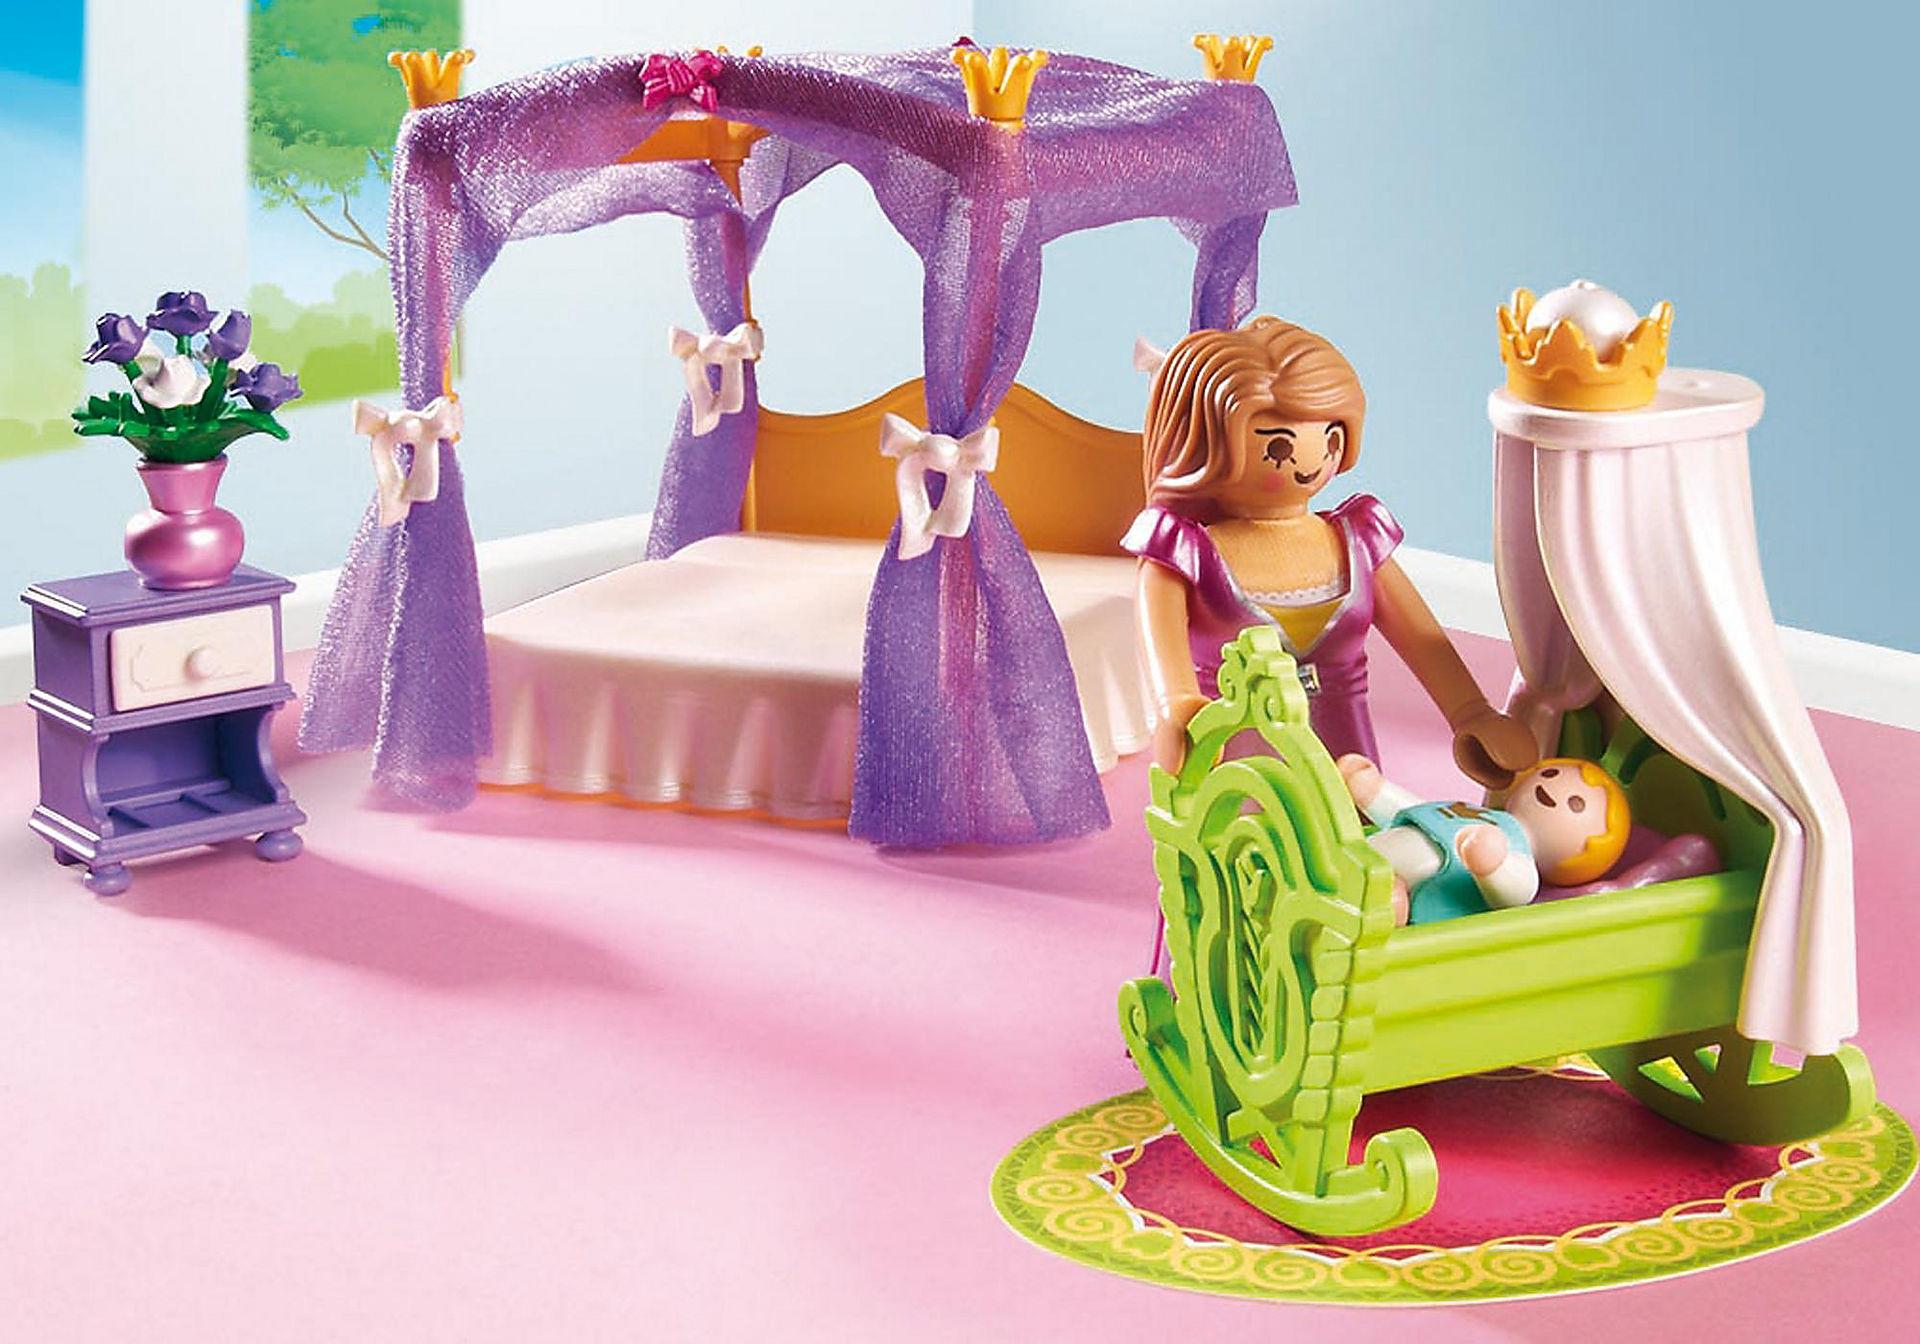 6851 Замок Принцессы: Покои Принцессы с колыбелью zoom image5